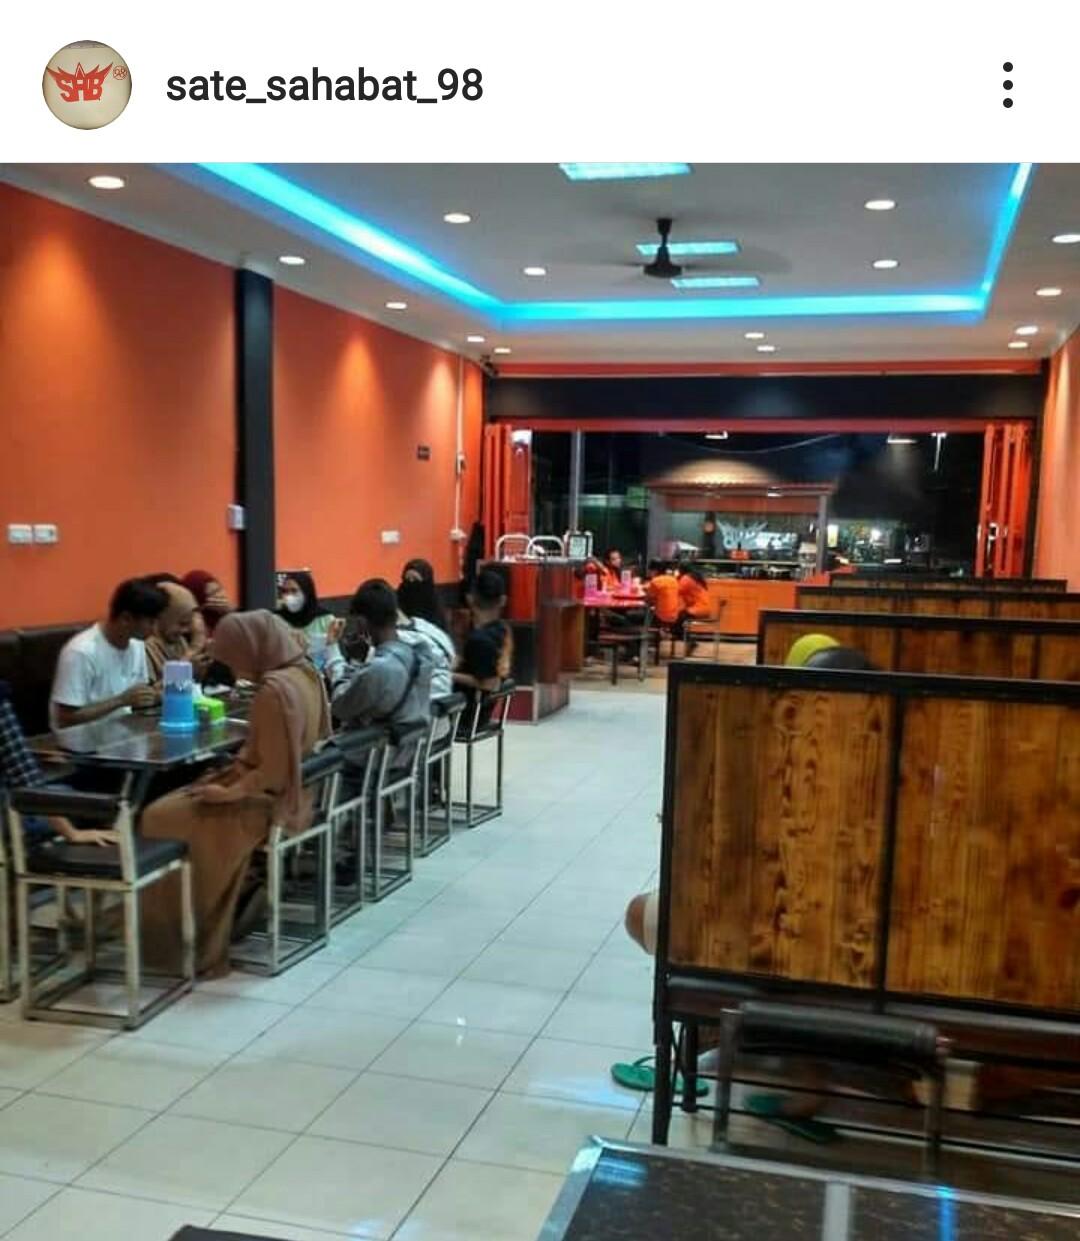 Sate dan Soto Padang Sahaba 98 3 - Sate dan Soto Padang  Sahabat 98 - Sate dan Soto Padang Enak Pekanbaru